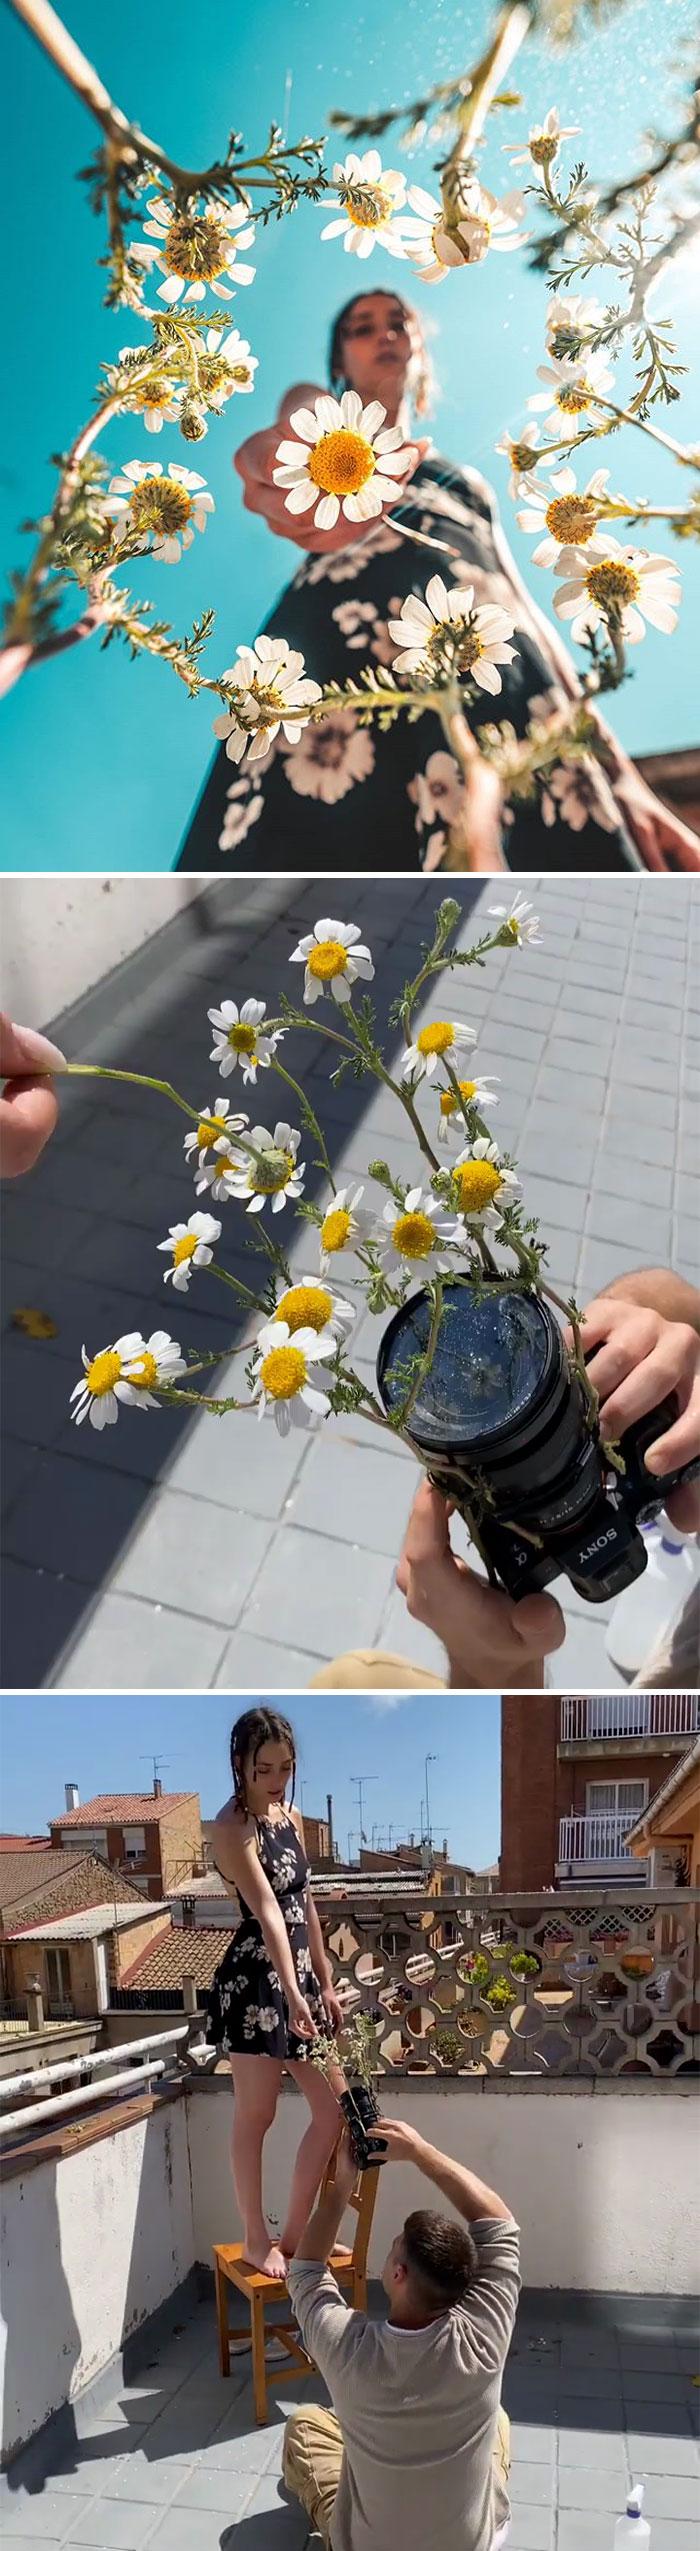 5f6db2f40e187 photography tricks jordi koalitic 5f6b029b1ac31  700 - Fotógrafo revela os bastidores de suas fotos épicas